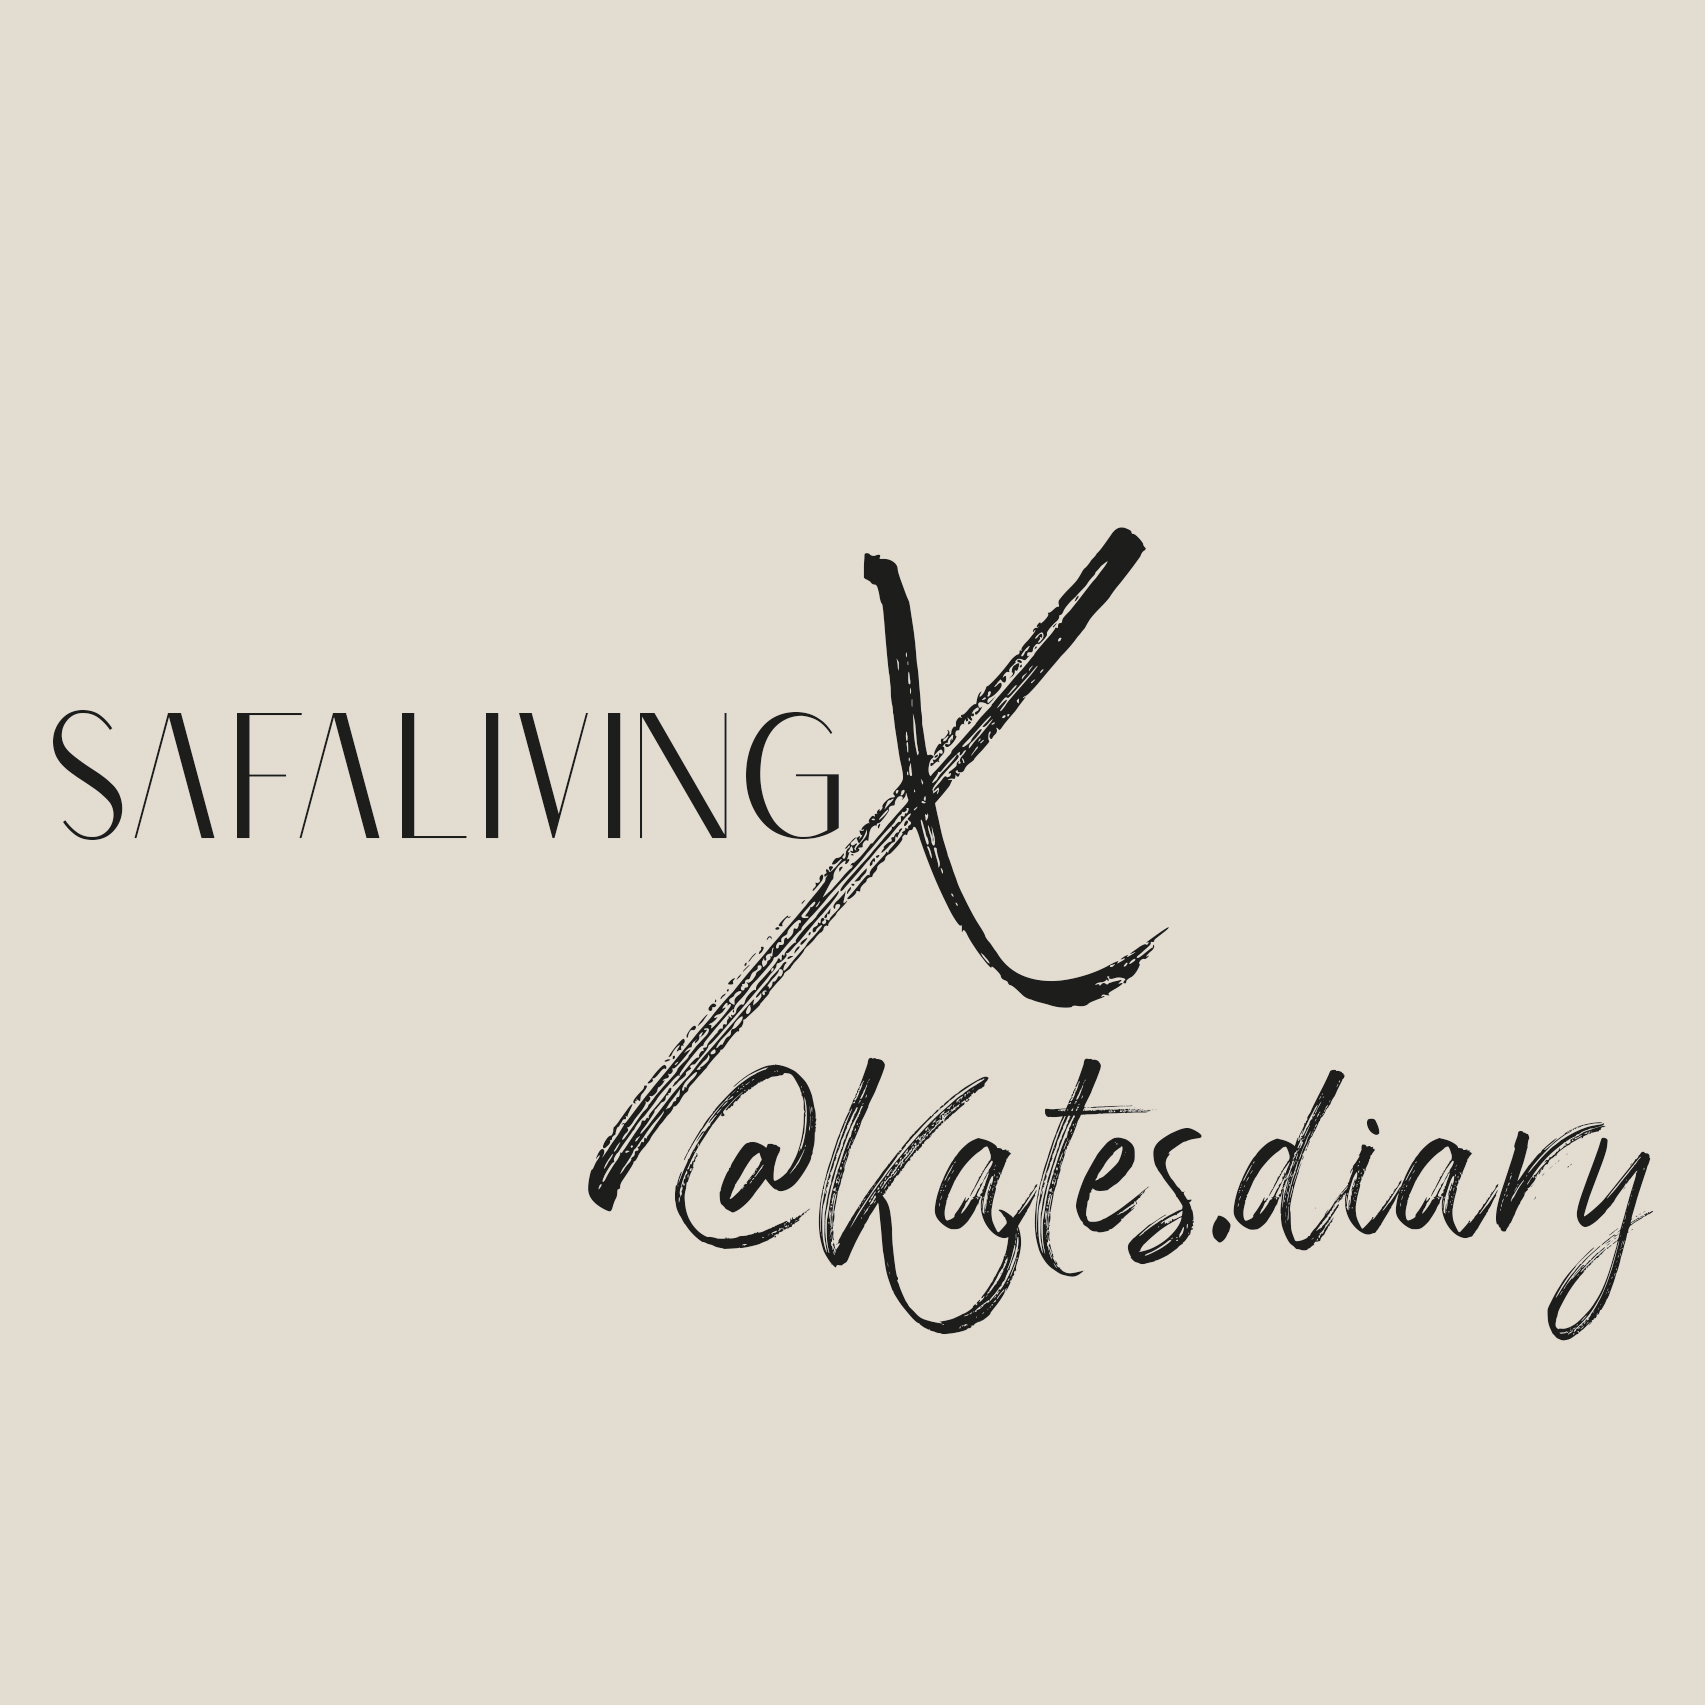 safaliving x kates.diary